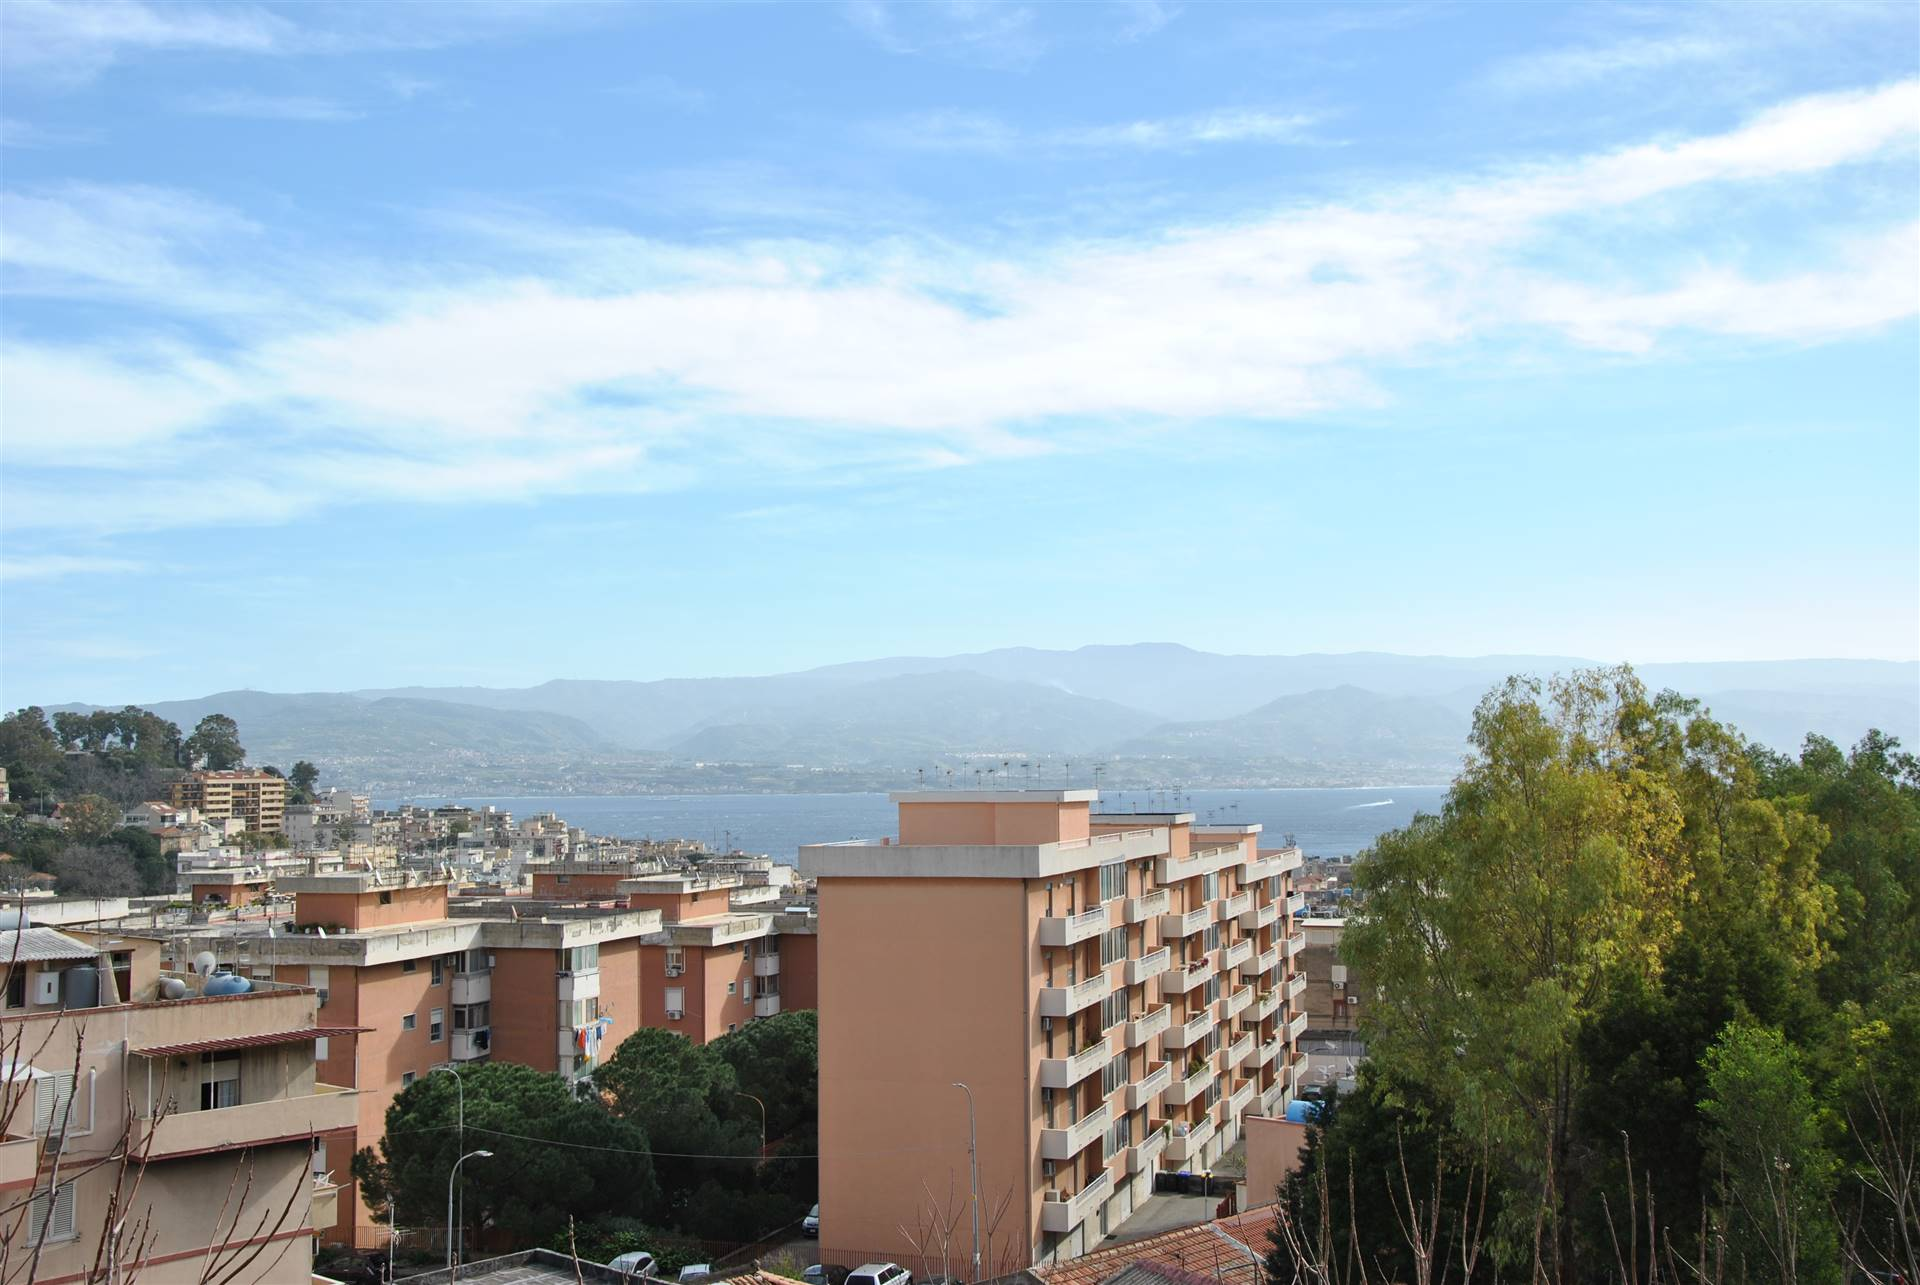 Foto panorama